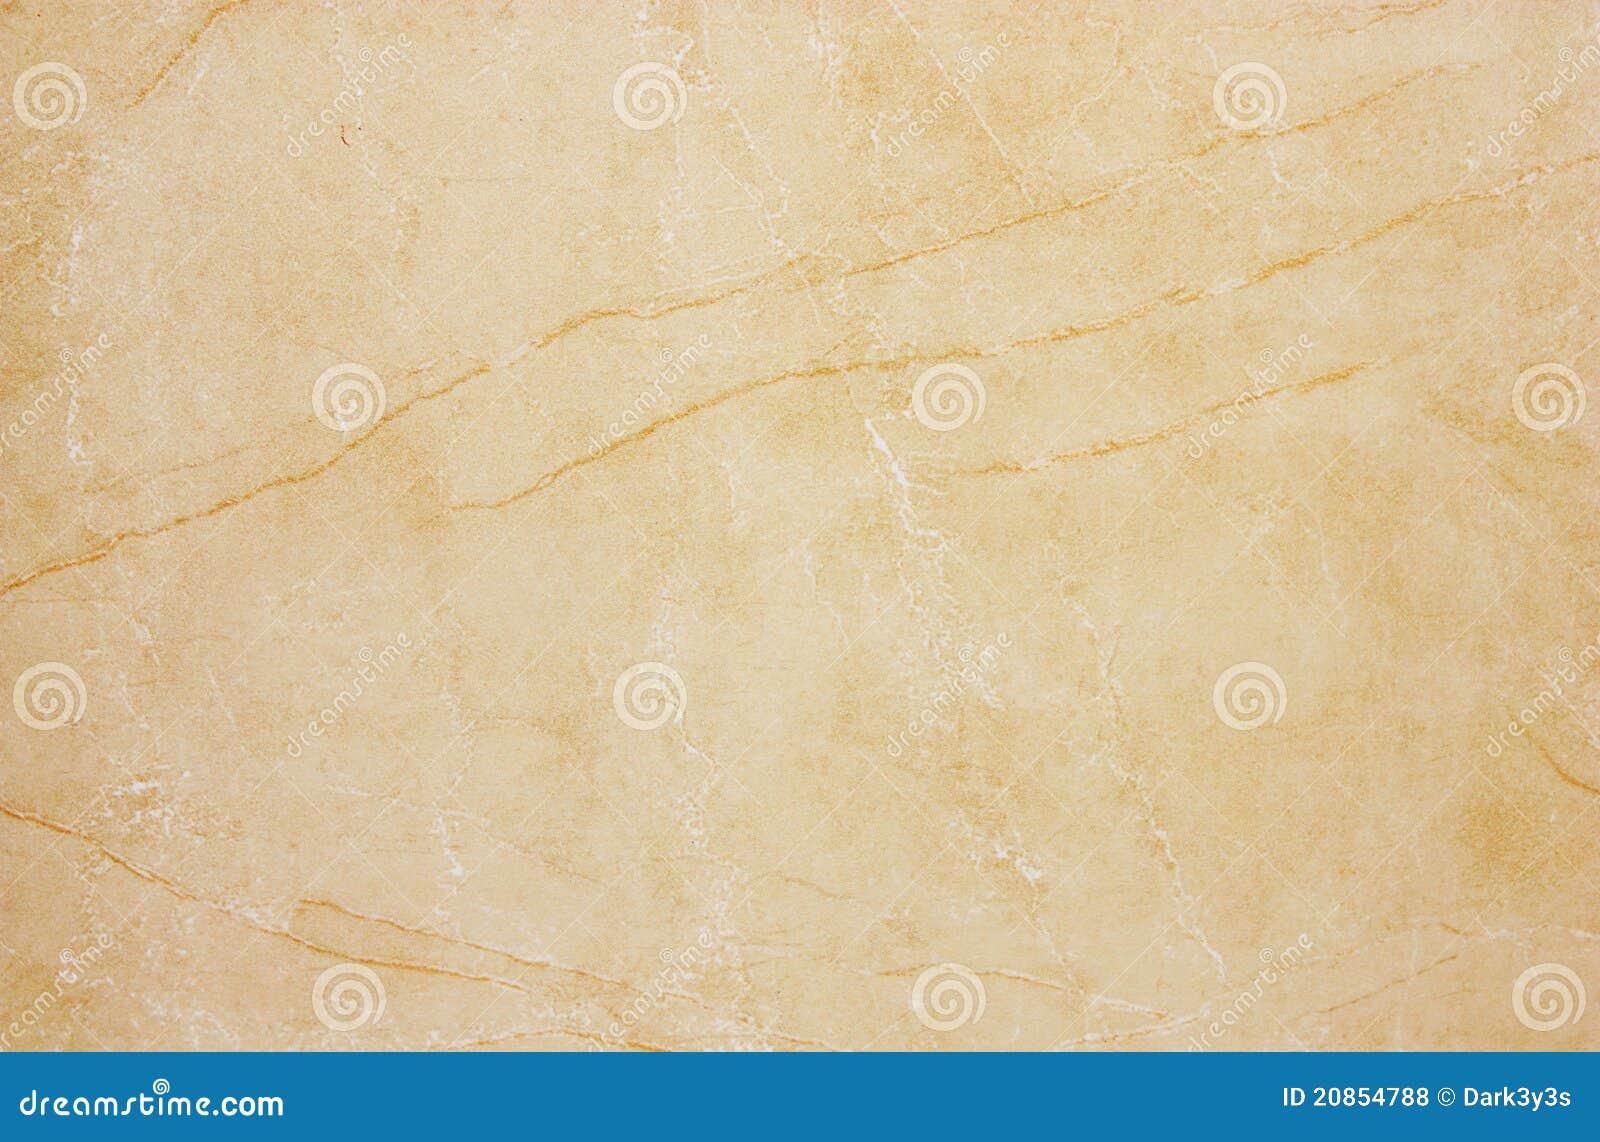 texture de marbre beige photo stock image du descripteur 20854788. Black Bedroom Furniture Sets. Home Design Ideas